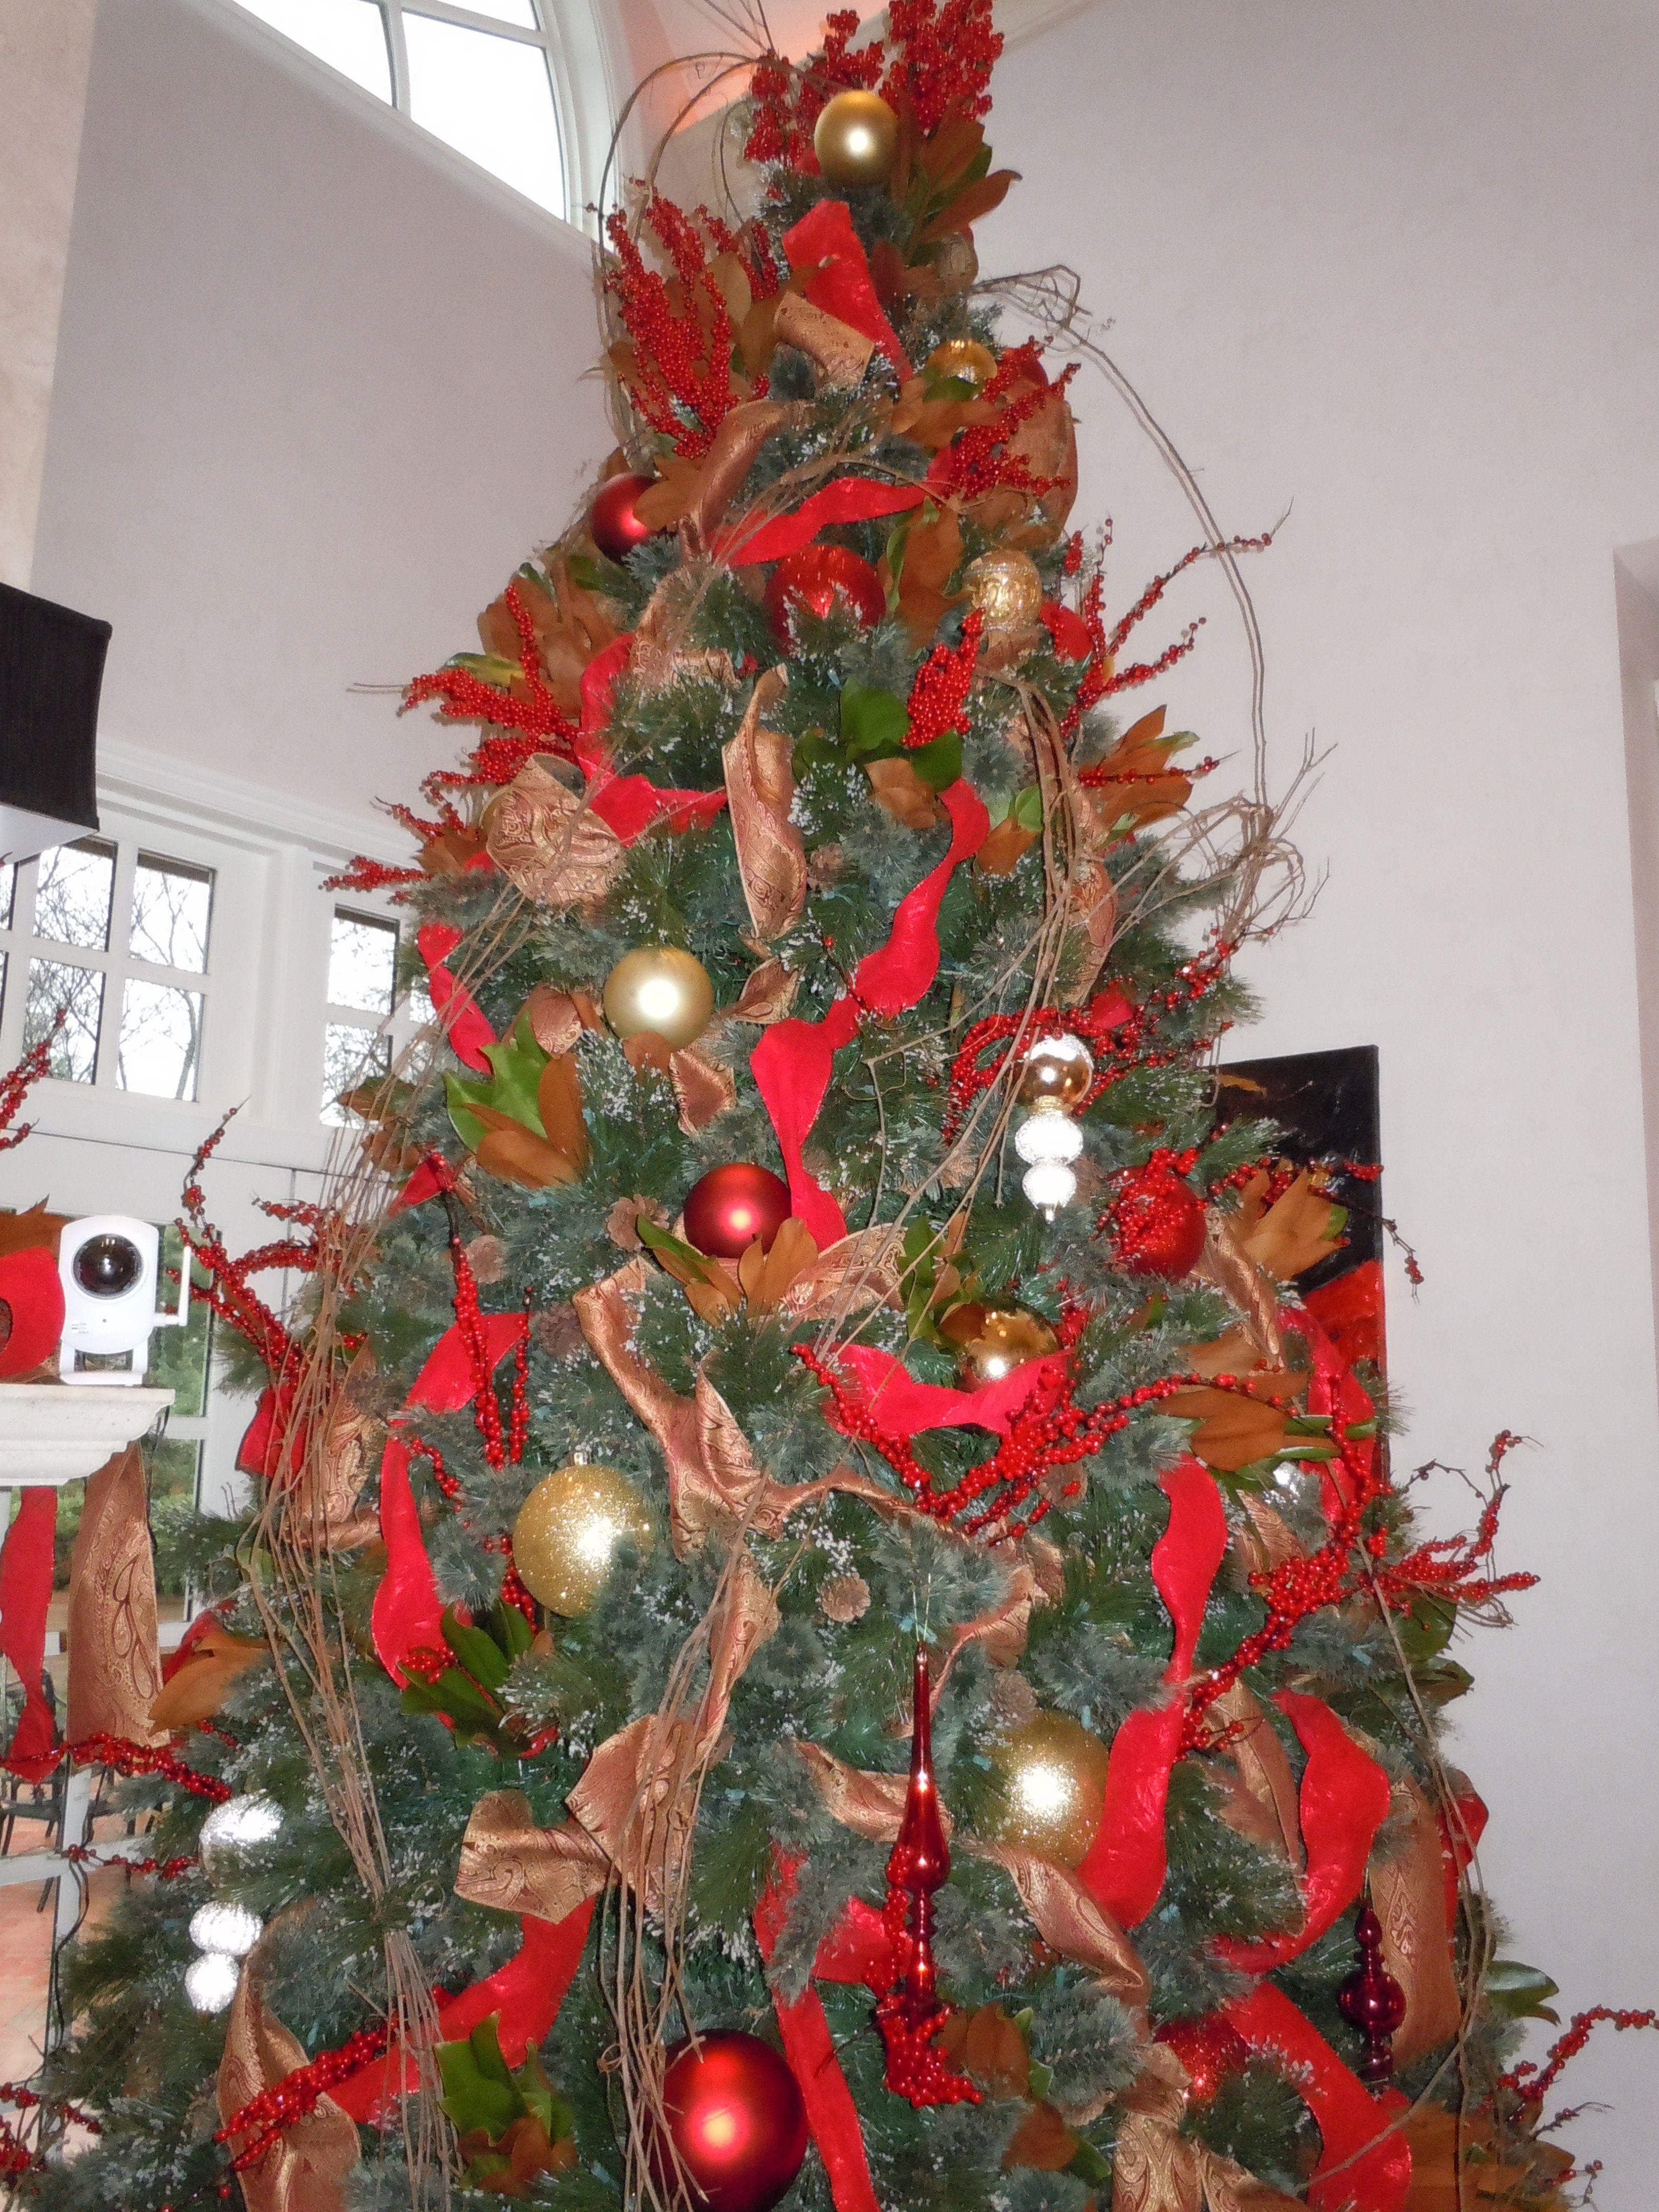 The holiday tree inside the Kincaid home on the Kappa Holiday Tour! #KKG #KKG1870